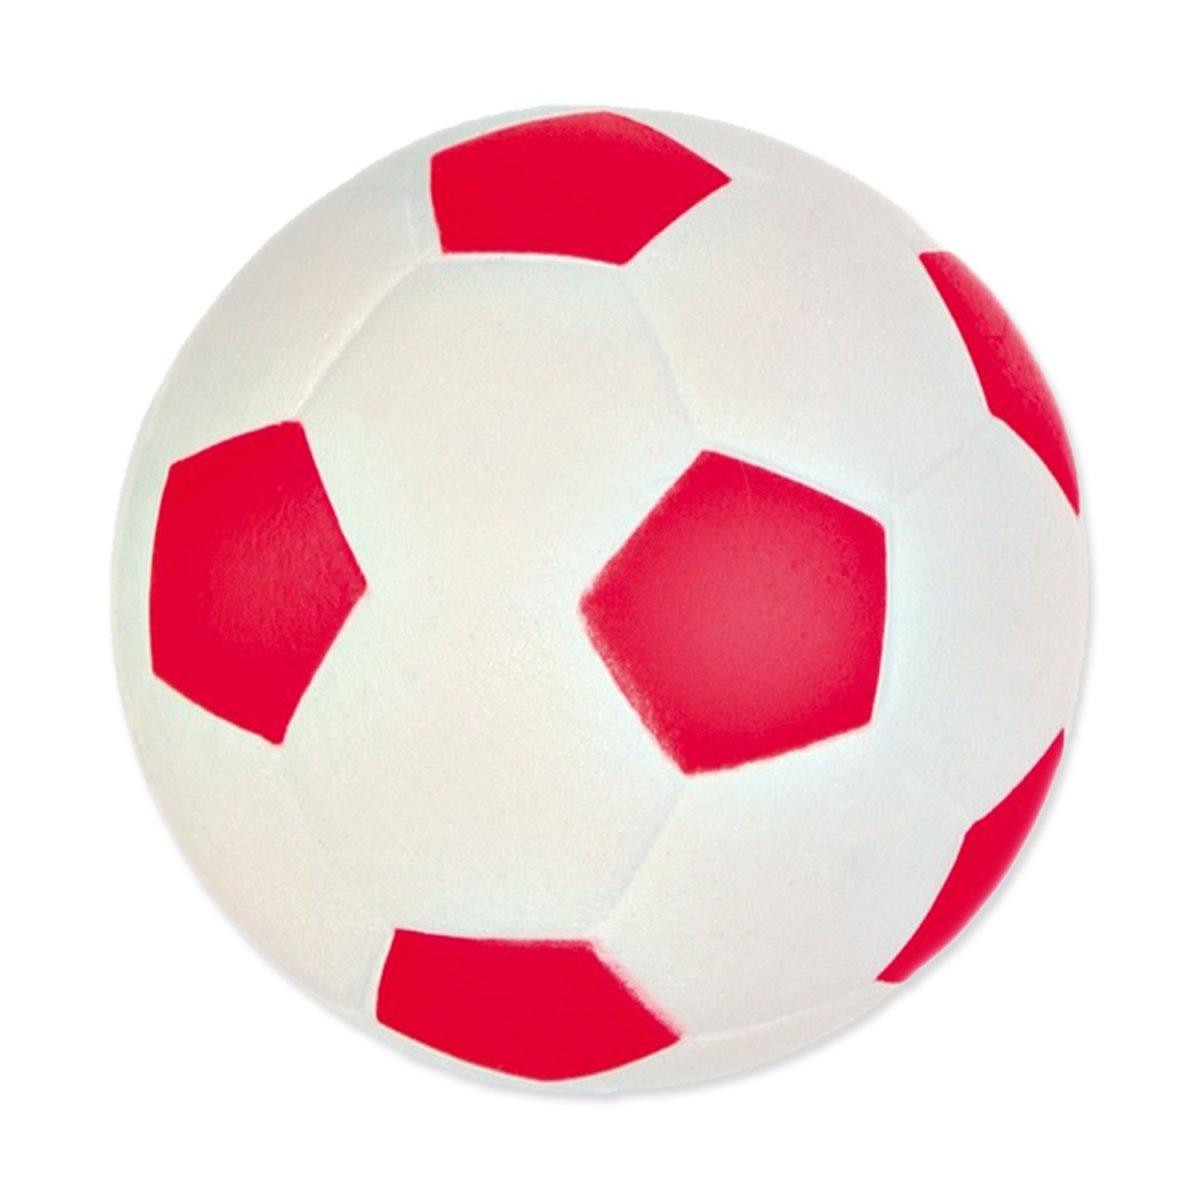 Hračka TRIXIE míček gumový pěnový 7 cm (1ks)